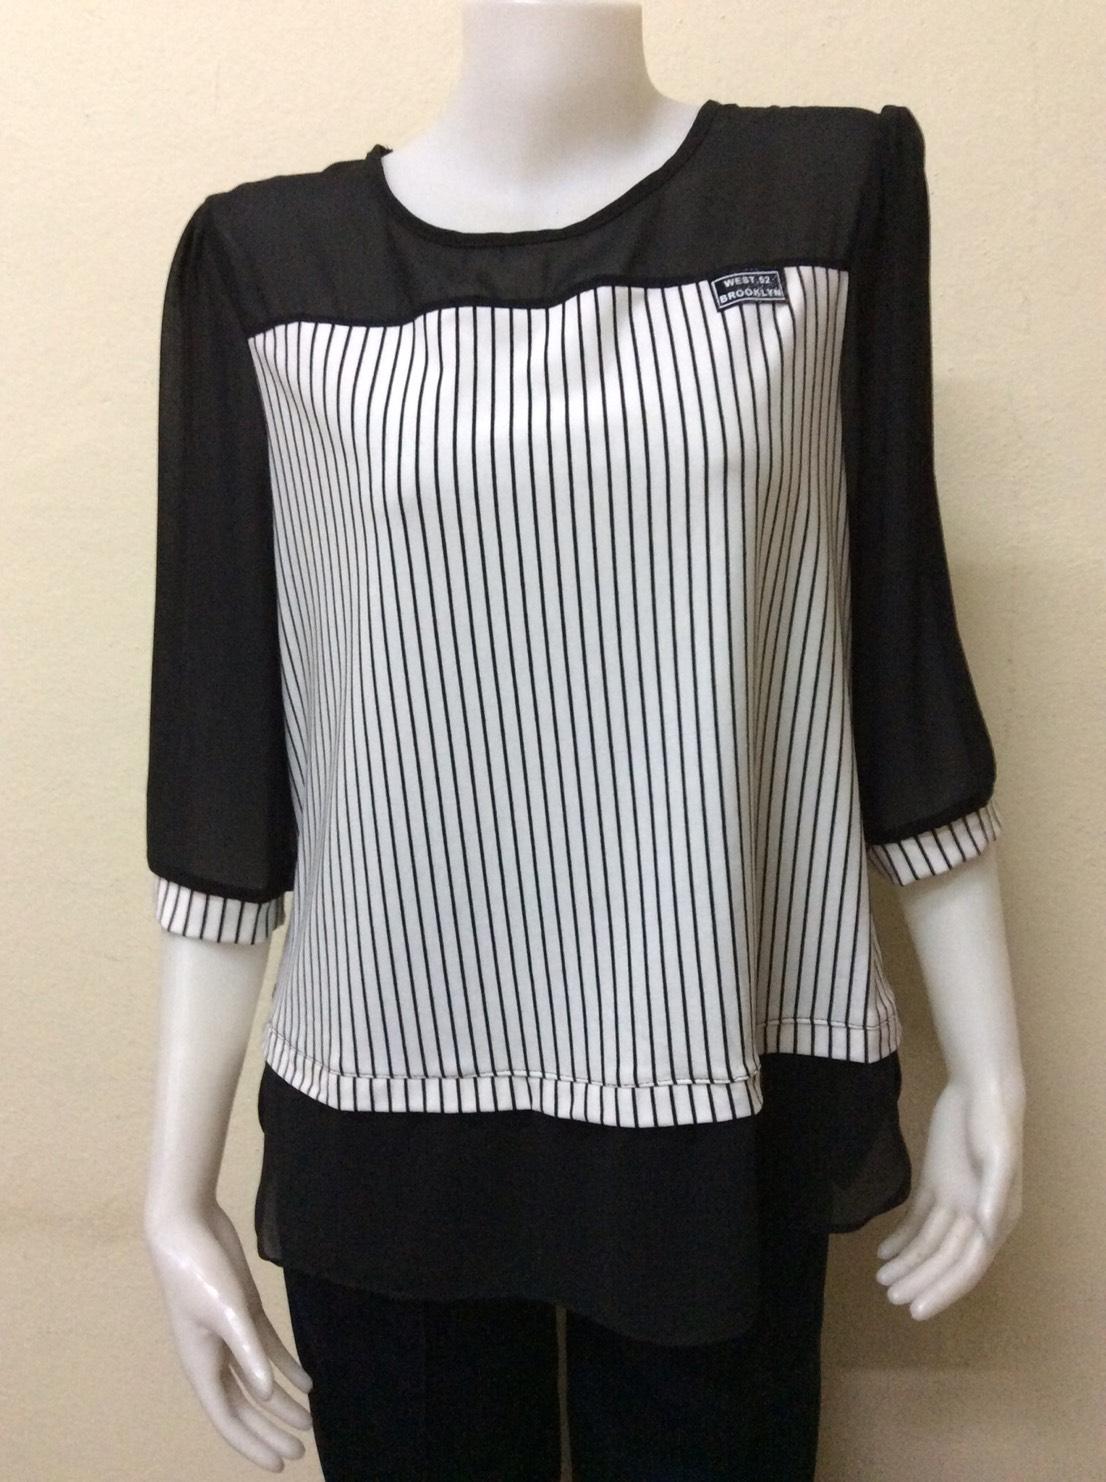 เสื้อคอกลมแขนสามส่วน สีขาวสลับสีดำ By MEENA